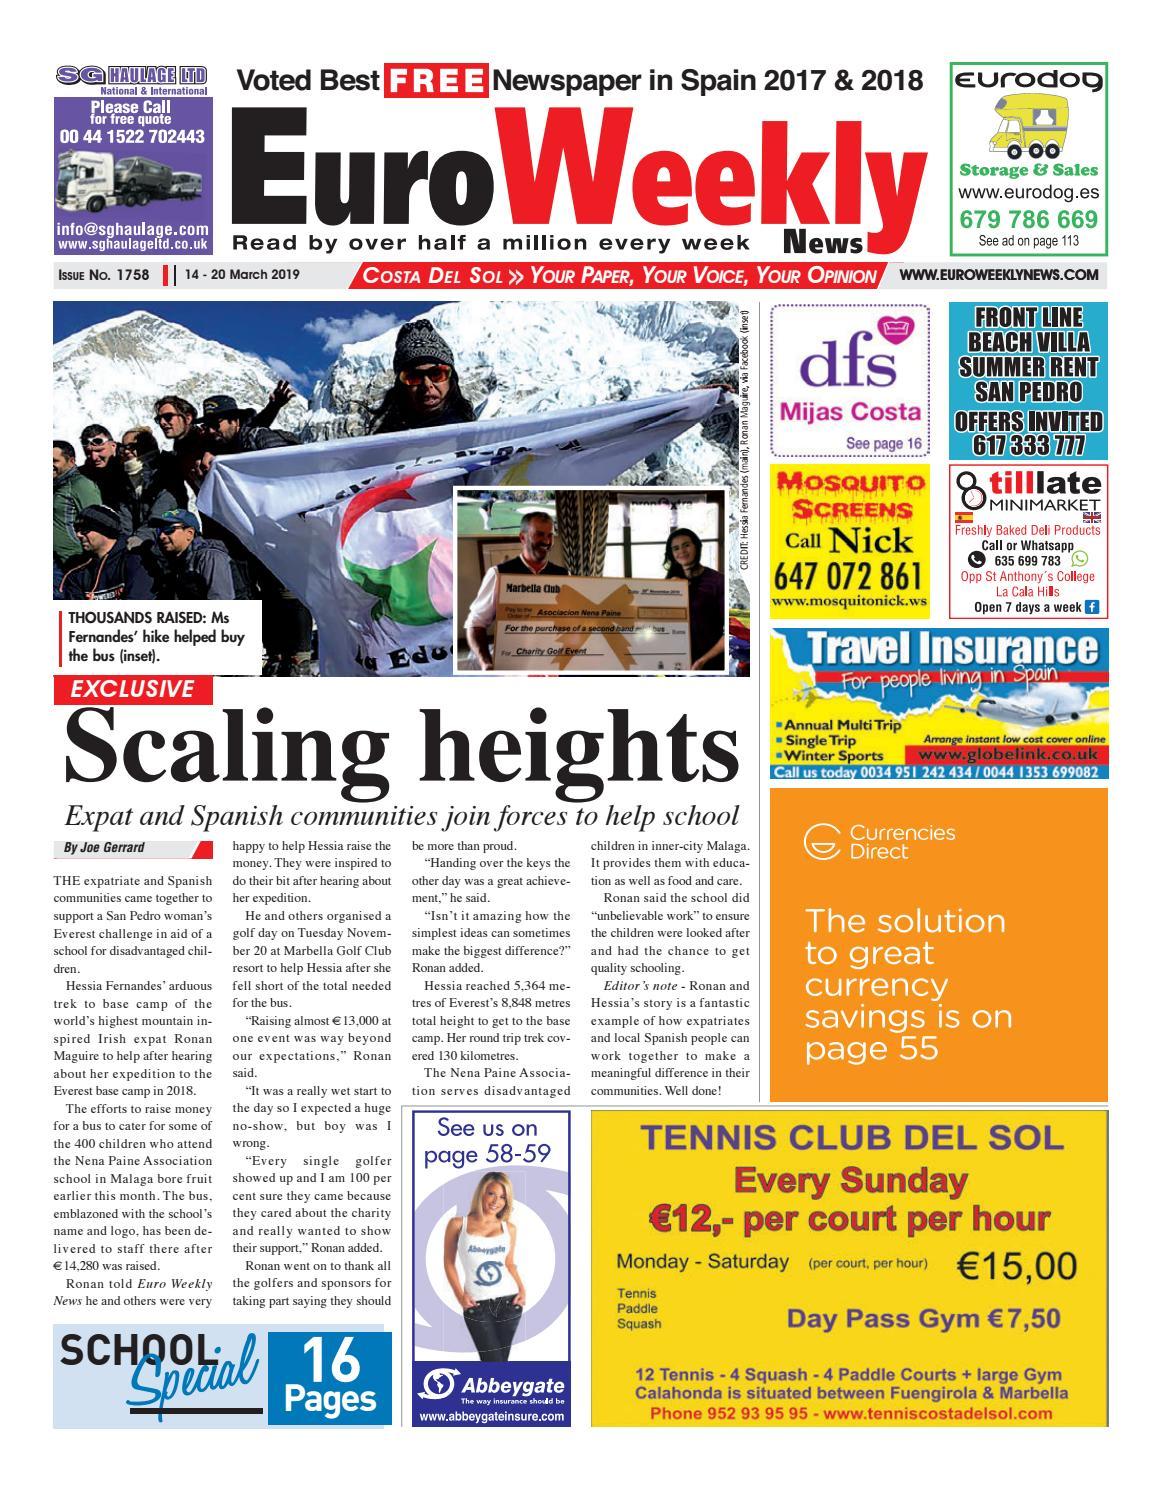 Salon De Jardin Unopiu Luxe Euro Weekly News Costa Del sol 14 20 March 2019 issue Of 40 Unique Salon De Jardin Unopiu